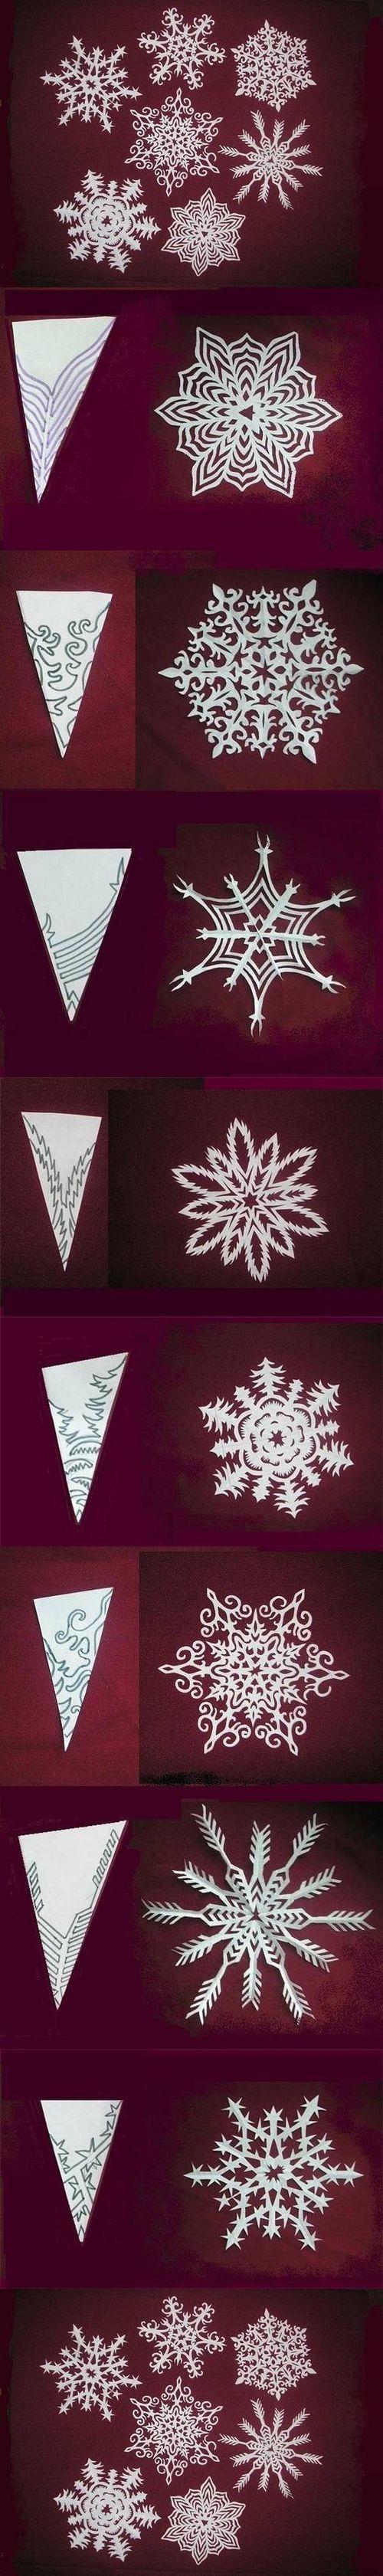 O seu próprio floco de neve, fácil de fazer você mesmo! #diy #natal #decor